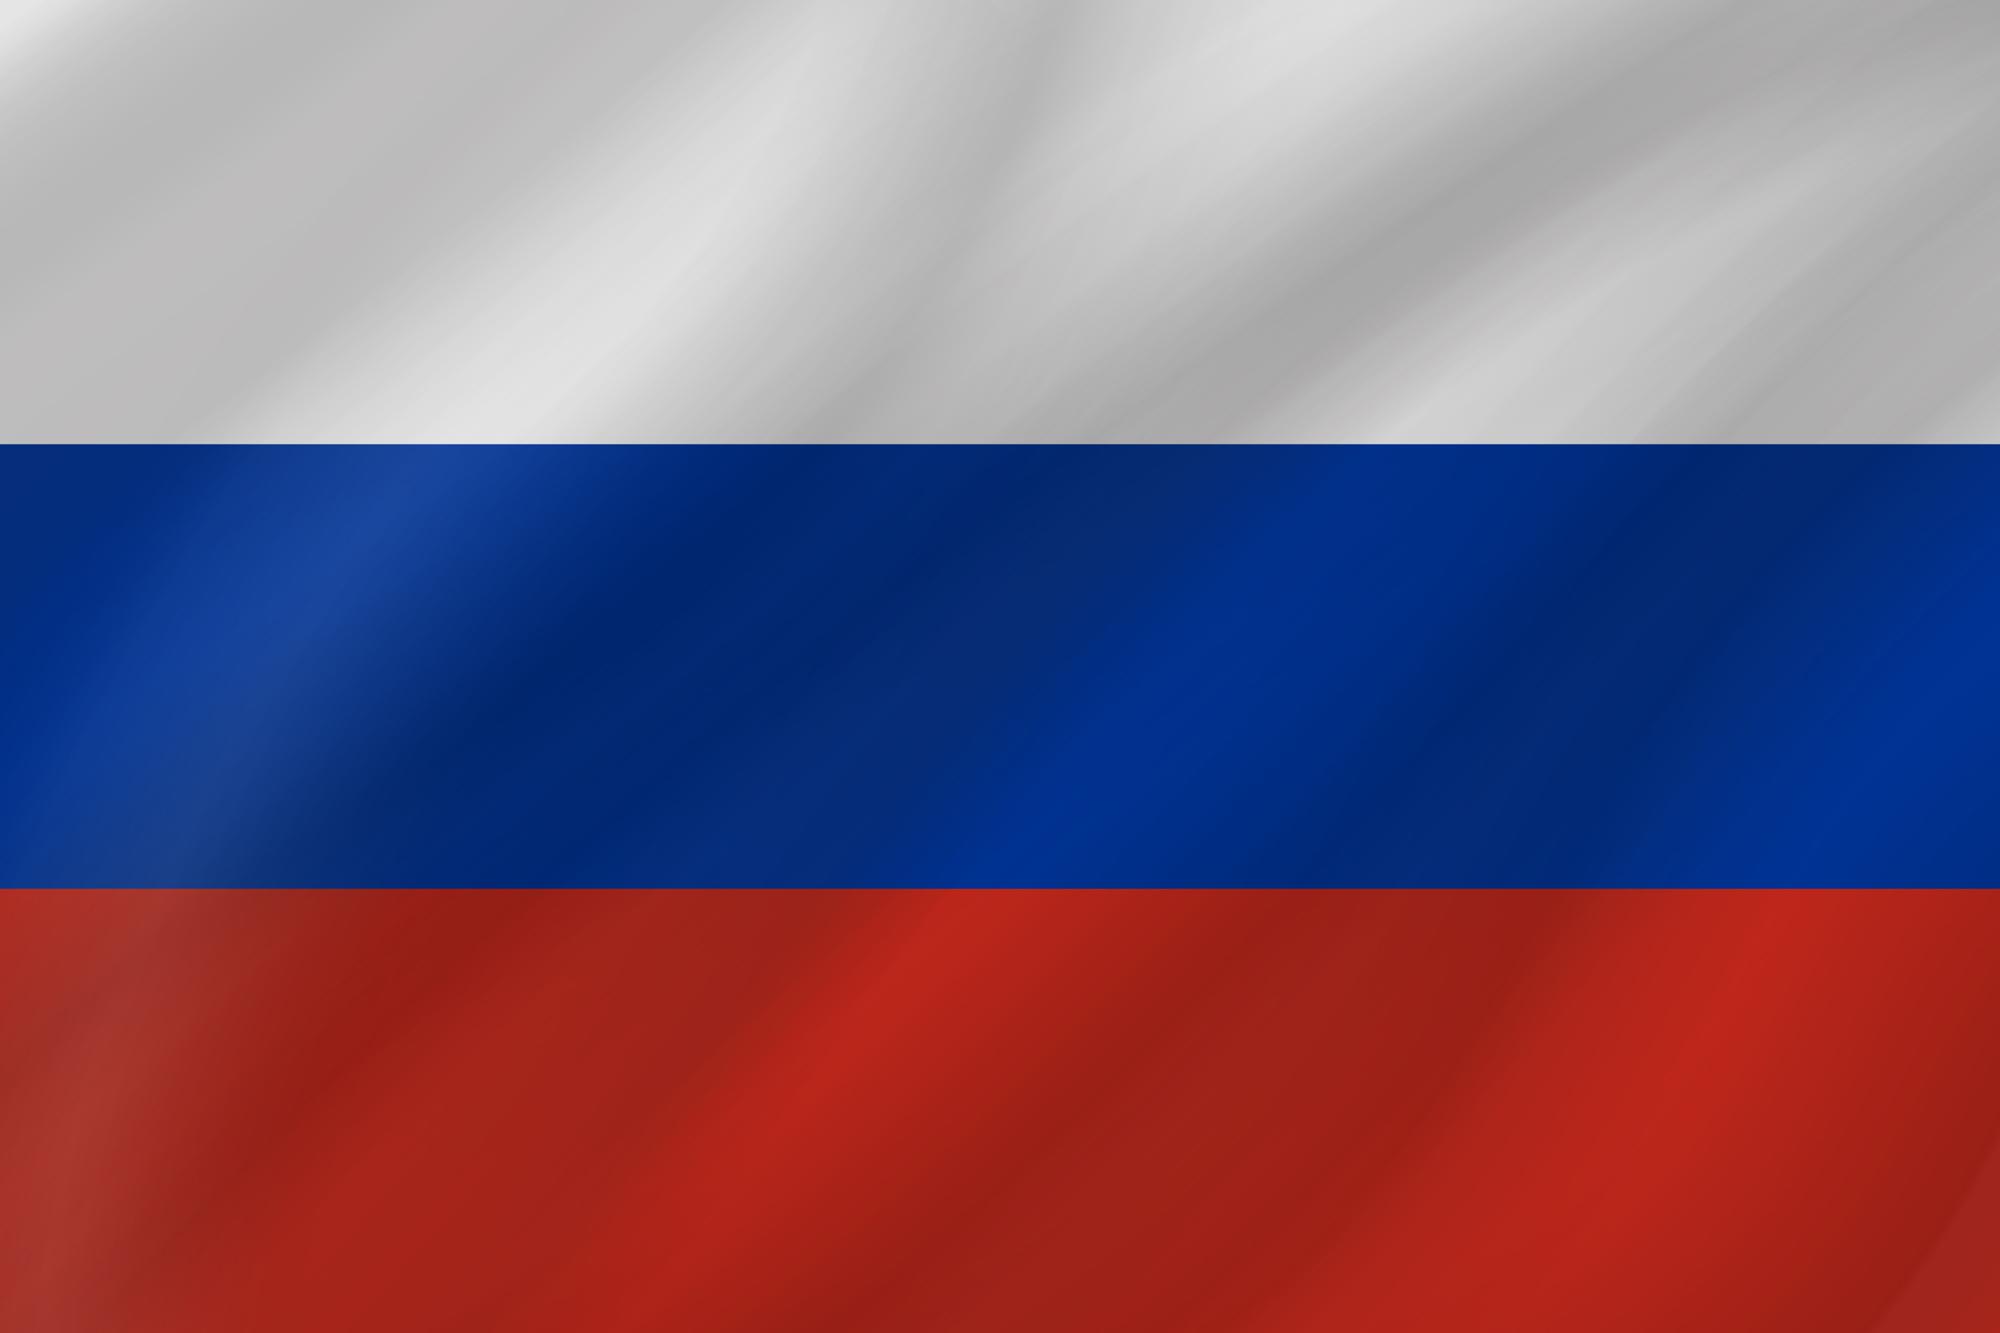 Durchschnittseinkommen Russland